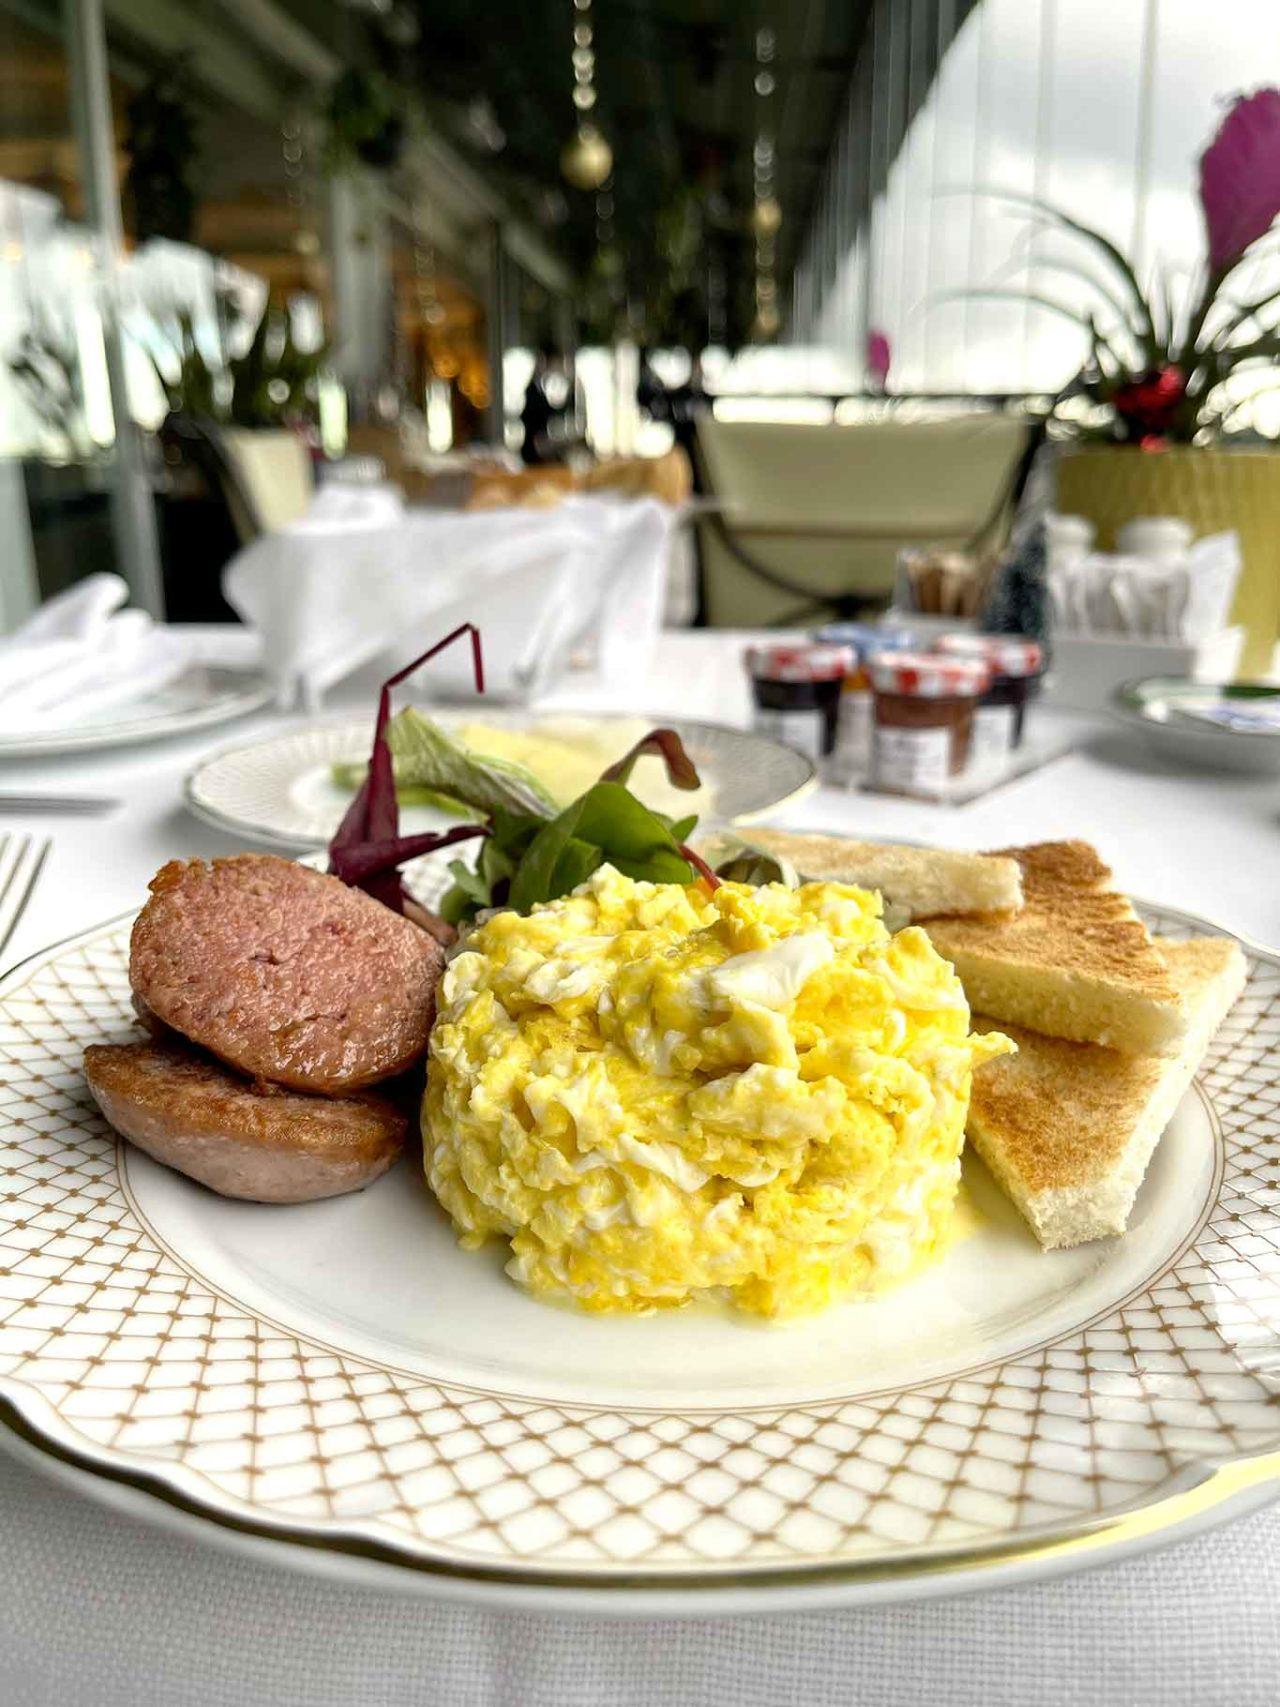 Mirabelle ristorante Roma staycation colazione